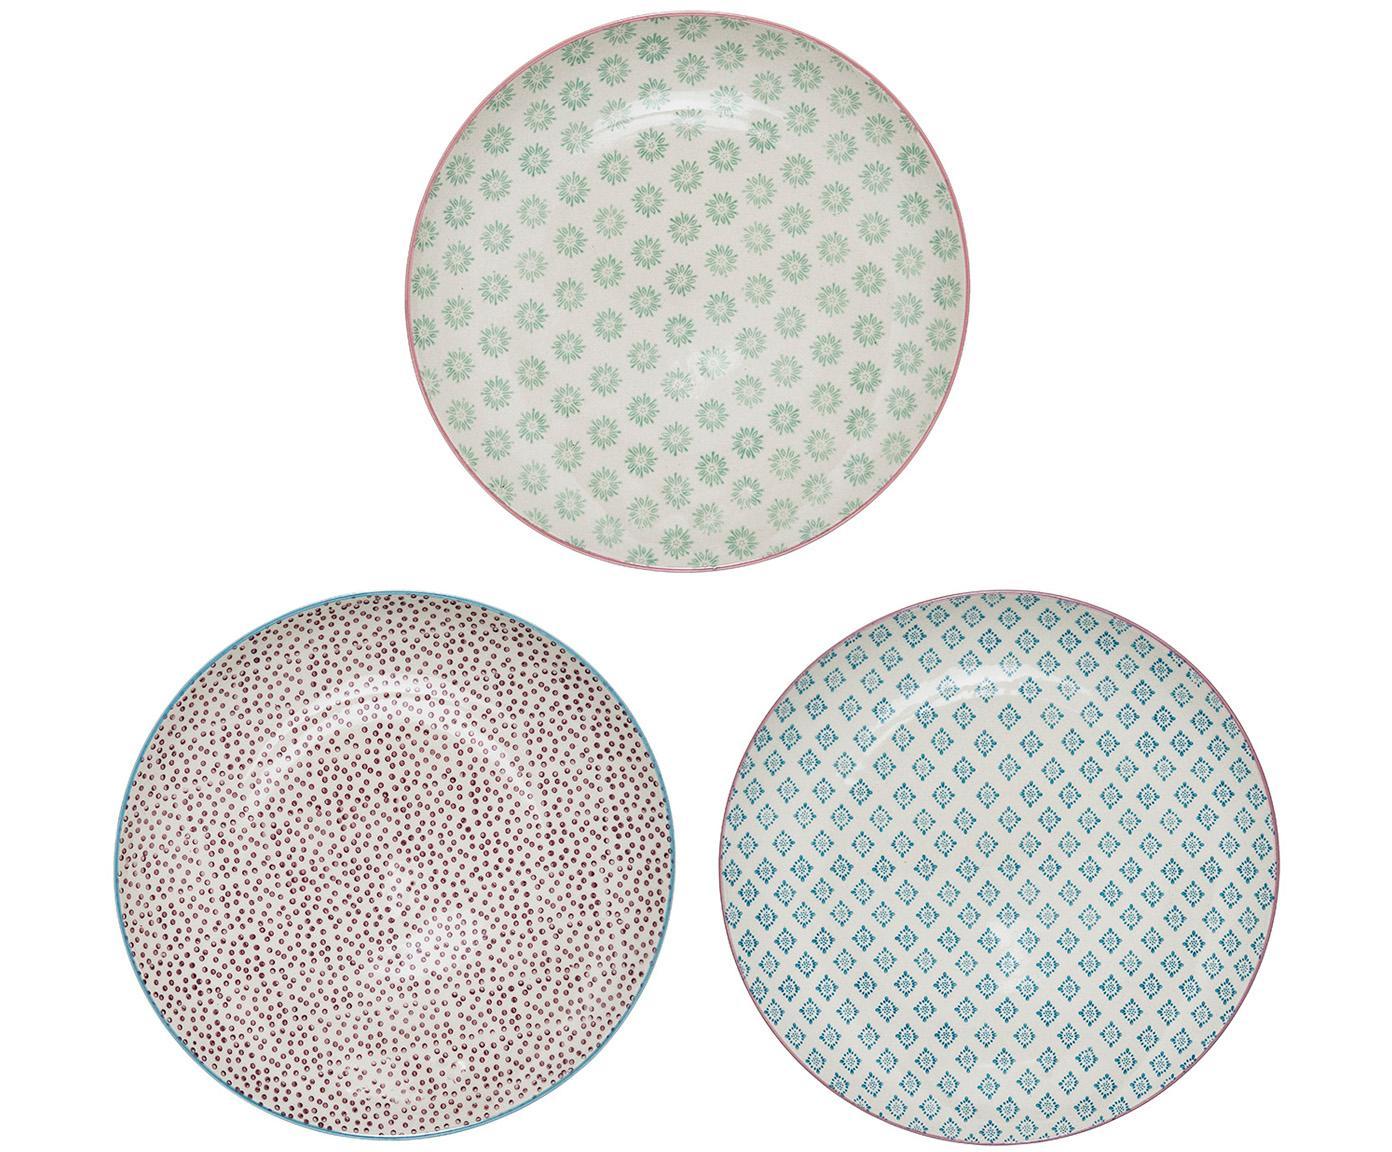 Speiseteller Patrizia mit kleinem Muster, 3er-Set, Steingut, Weiss, Grün, Rot, Blau, Ø 25 cm